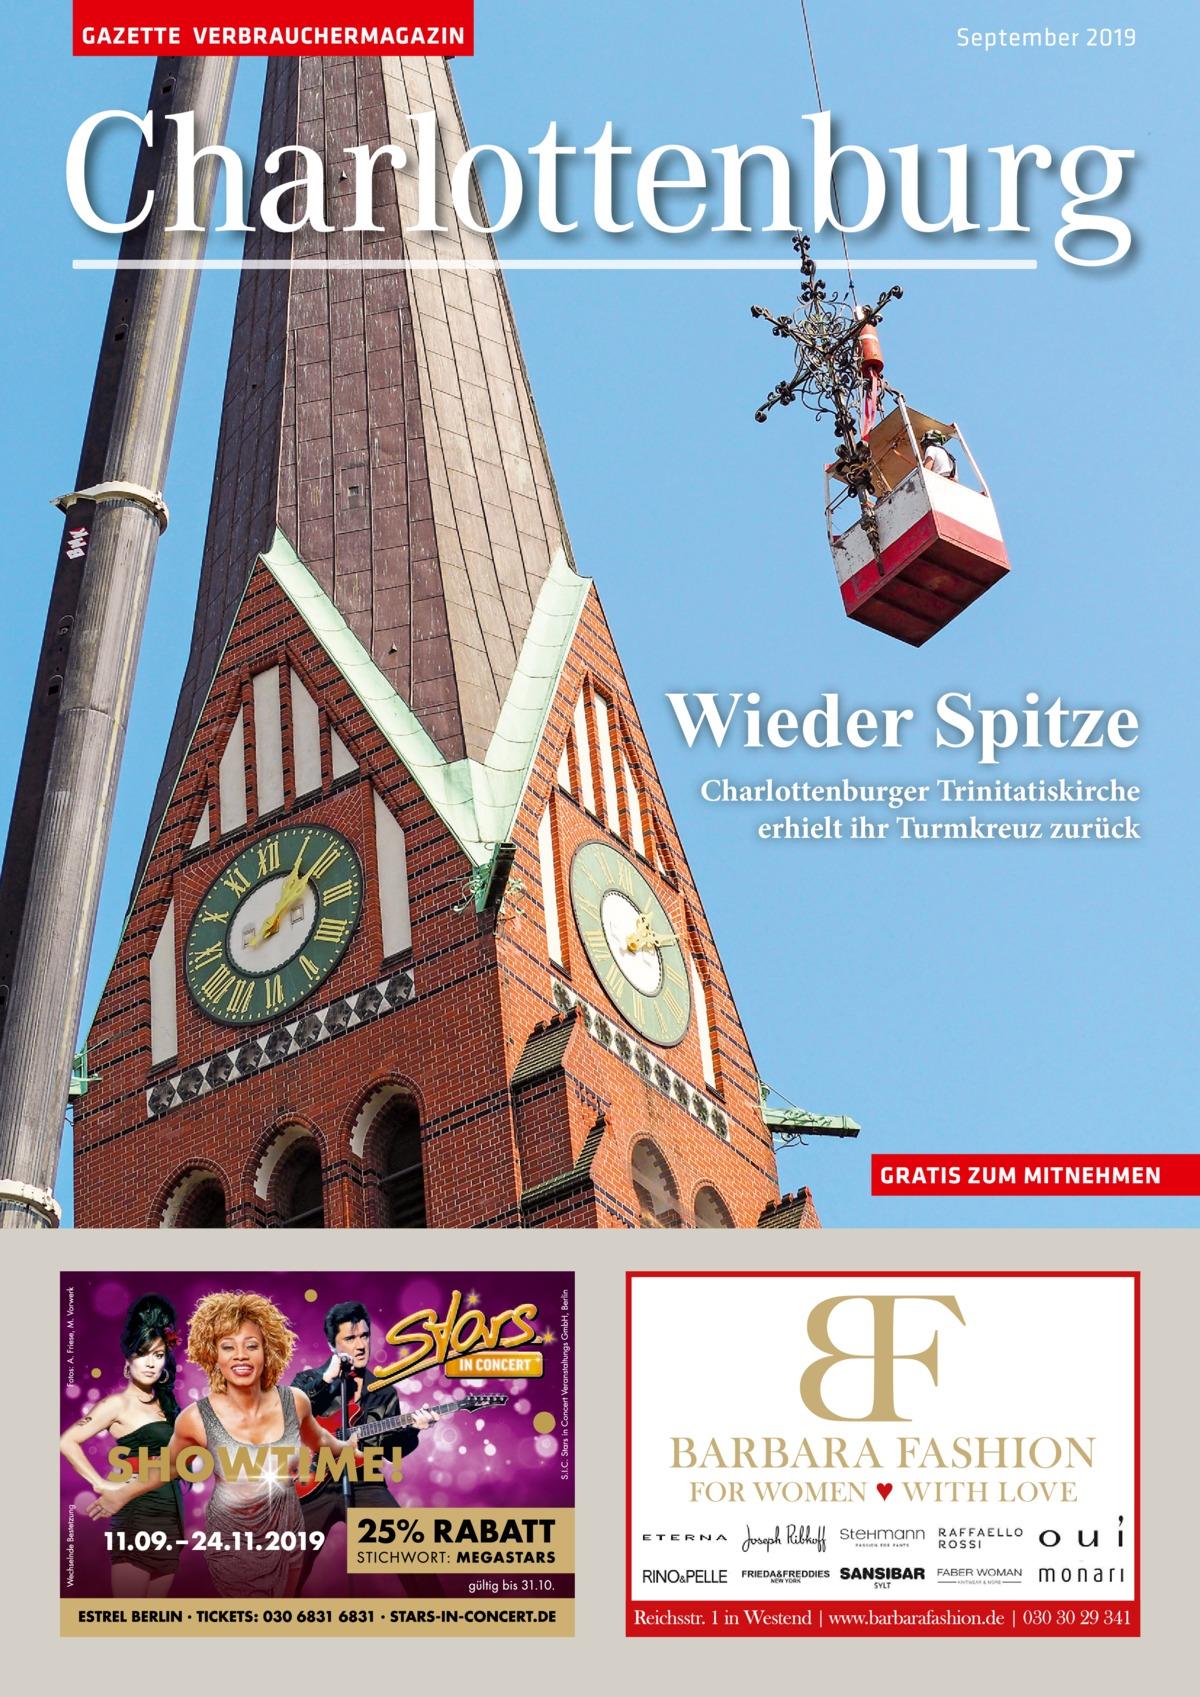 GAZETTE VERBRAUCHERMAGAZIN  September 2019  Charlottenburg Wieder Spitze Charlottenburger Trinitatiskirche erhielt ihr Turmkreuz zurück  GRATIS ZUM MITNEHMEN